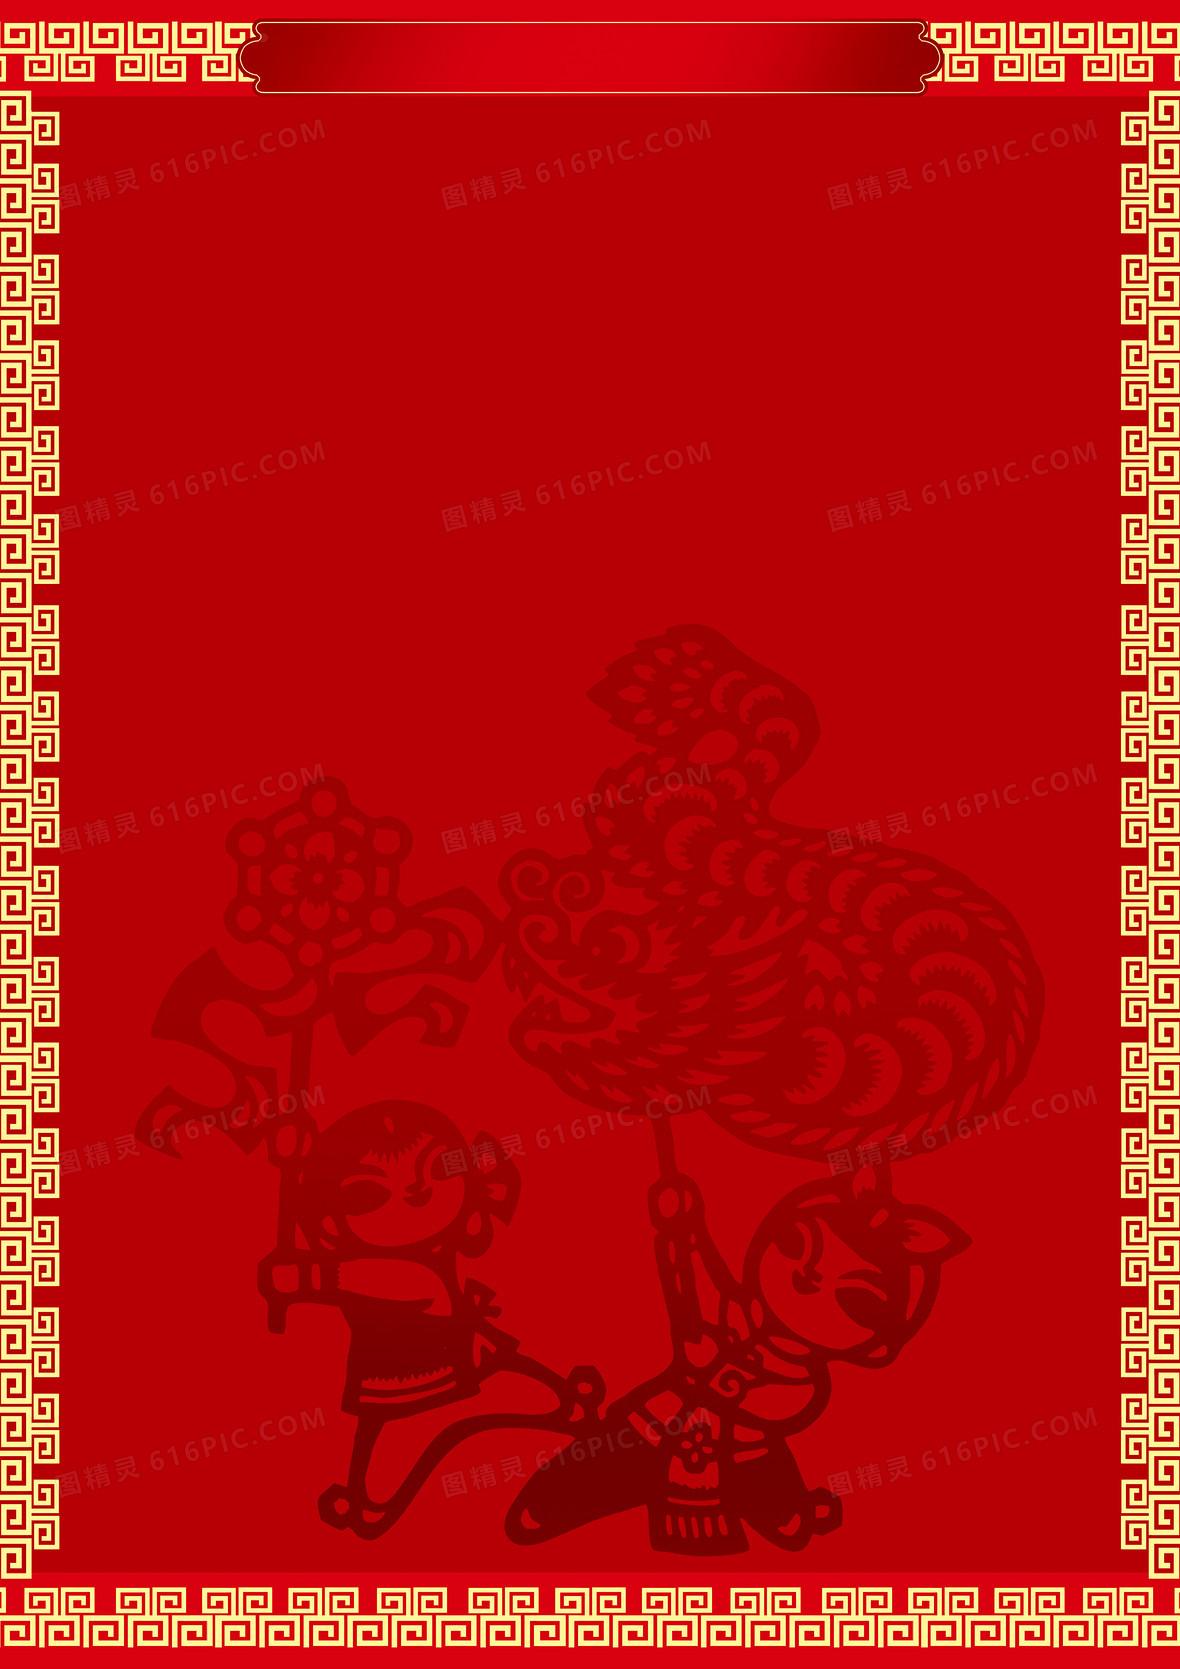 中国红喜庆新年木偶花纹边框背景